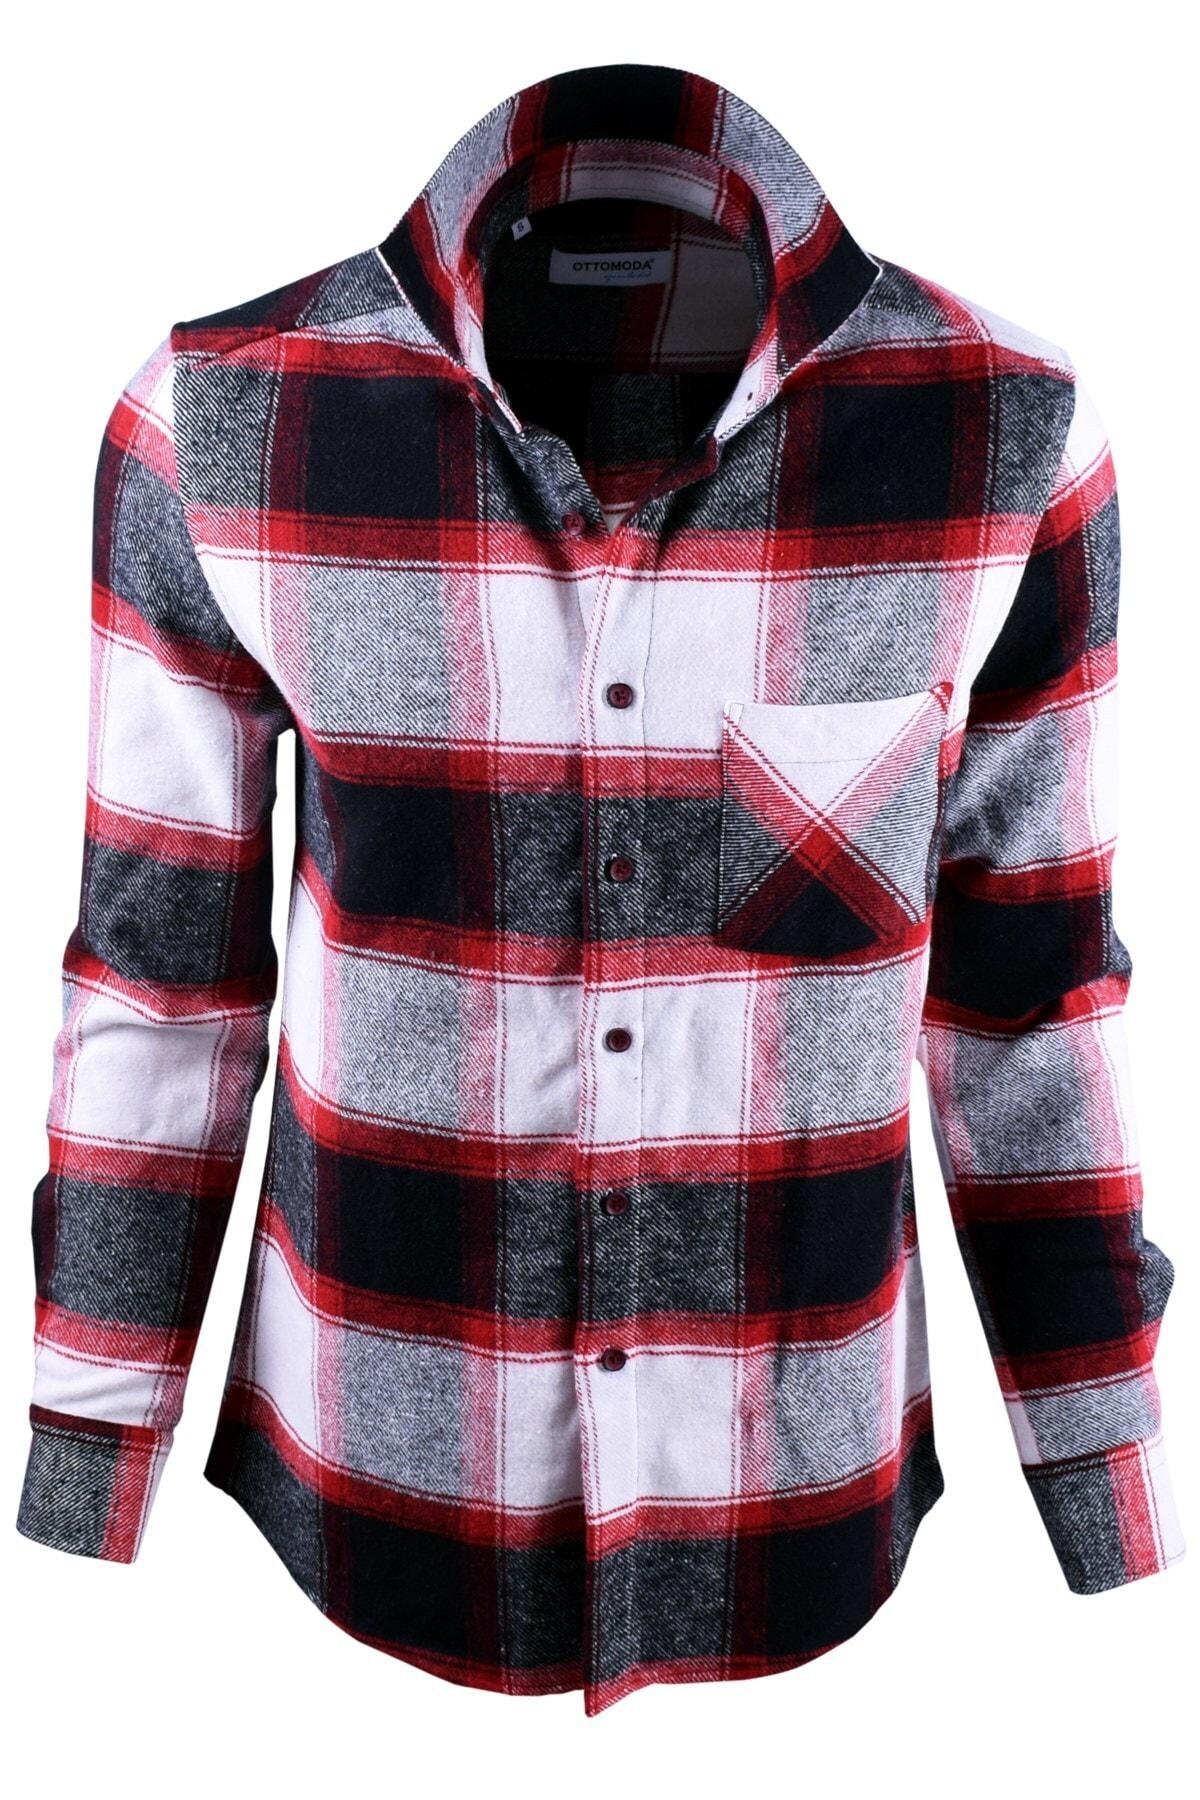 Ottomoda Beyaz Siyah Kırmızı Ekose Desenli Oduncu Gömlek 1